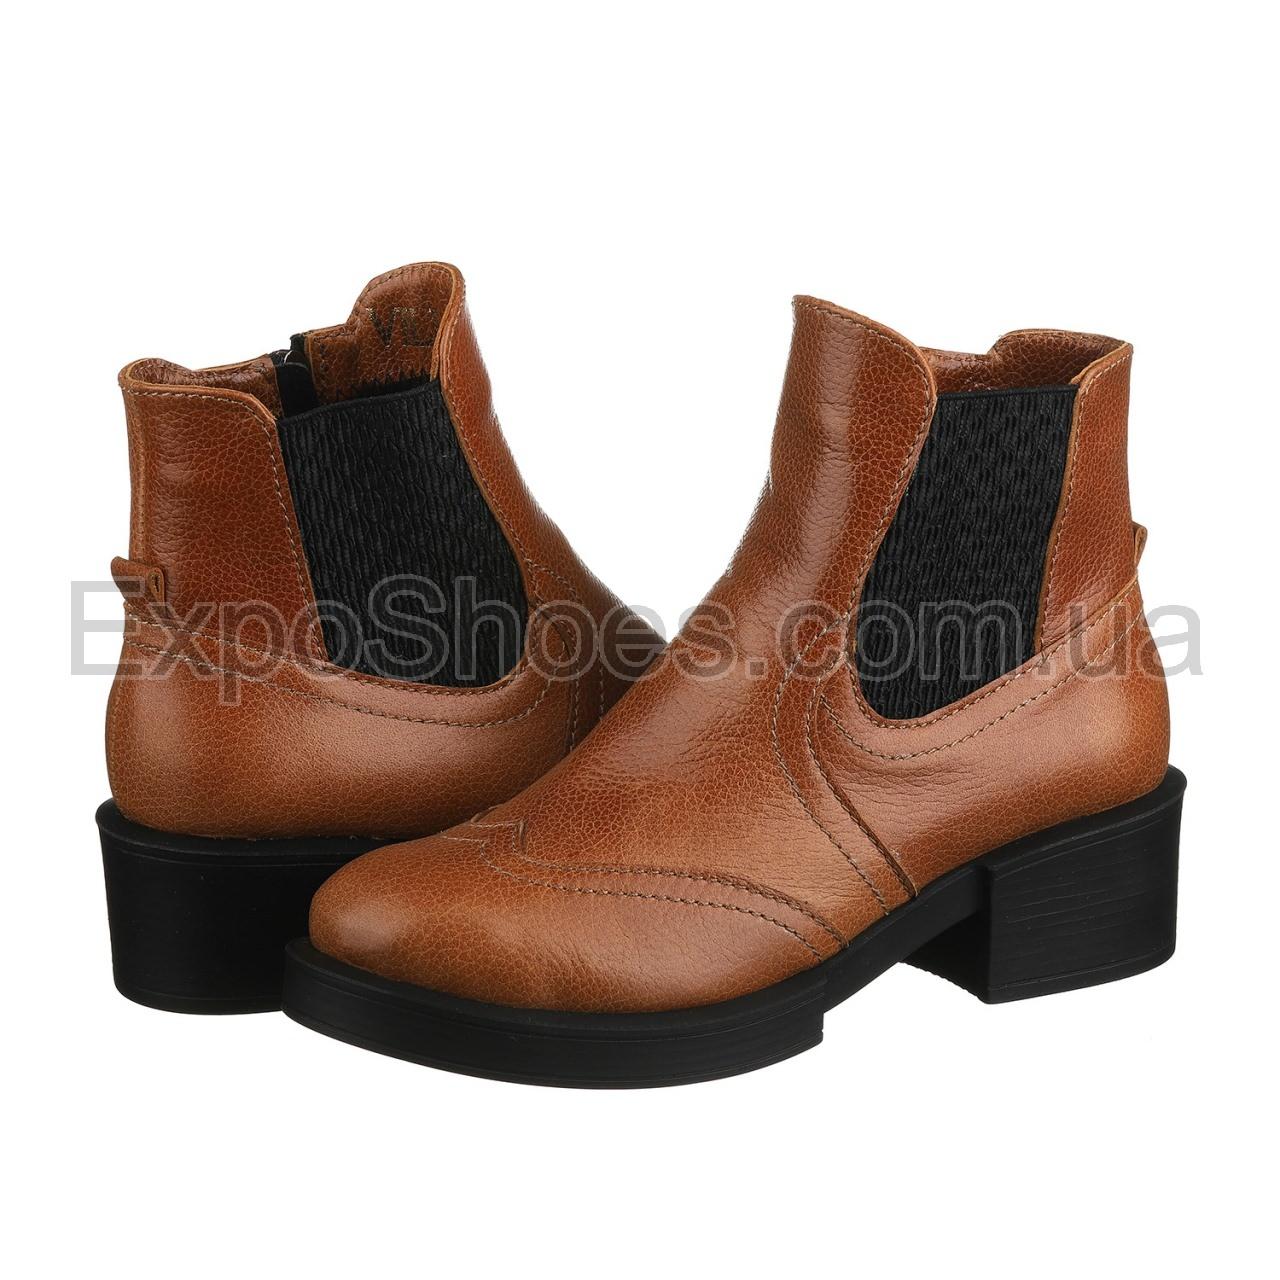 Ботинки фото Villomi